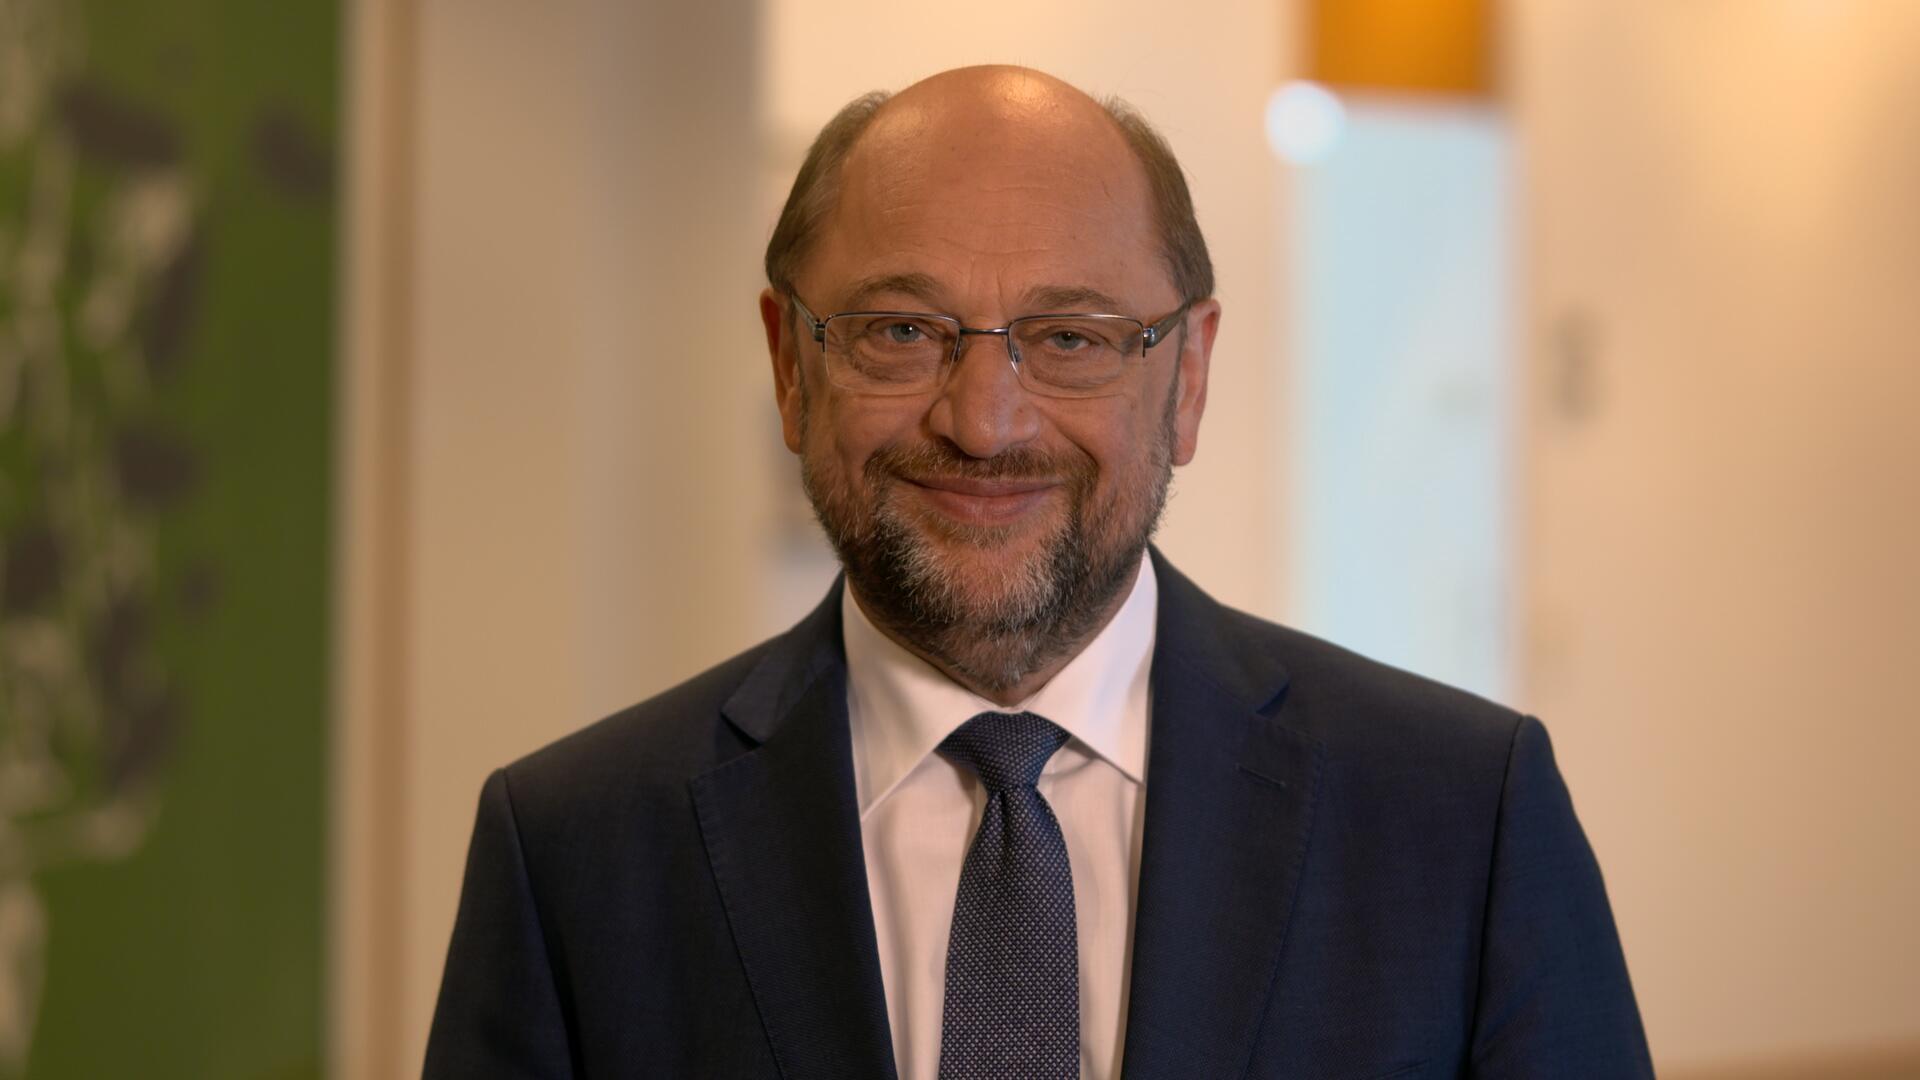 Bild zu Christian Schulz, SPD, Spitzenkandidat, Bundestagswahl